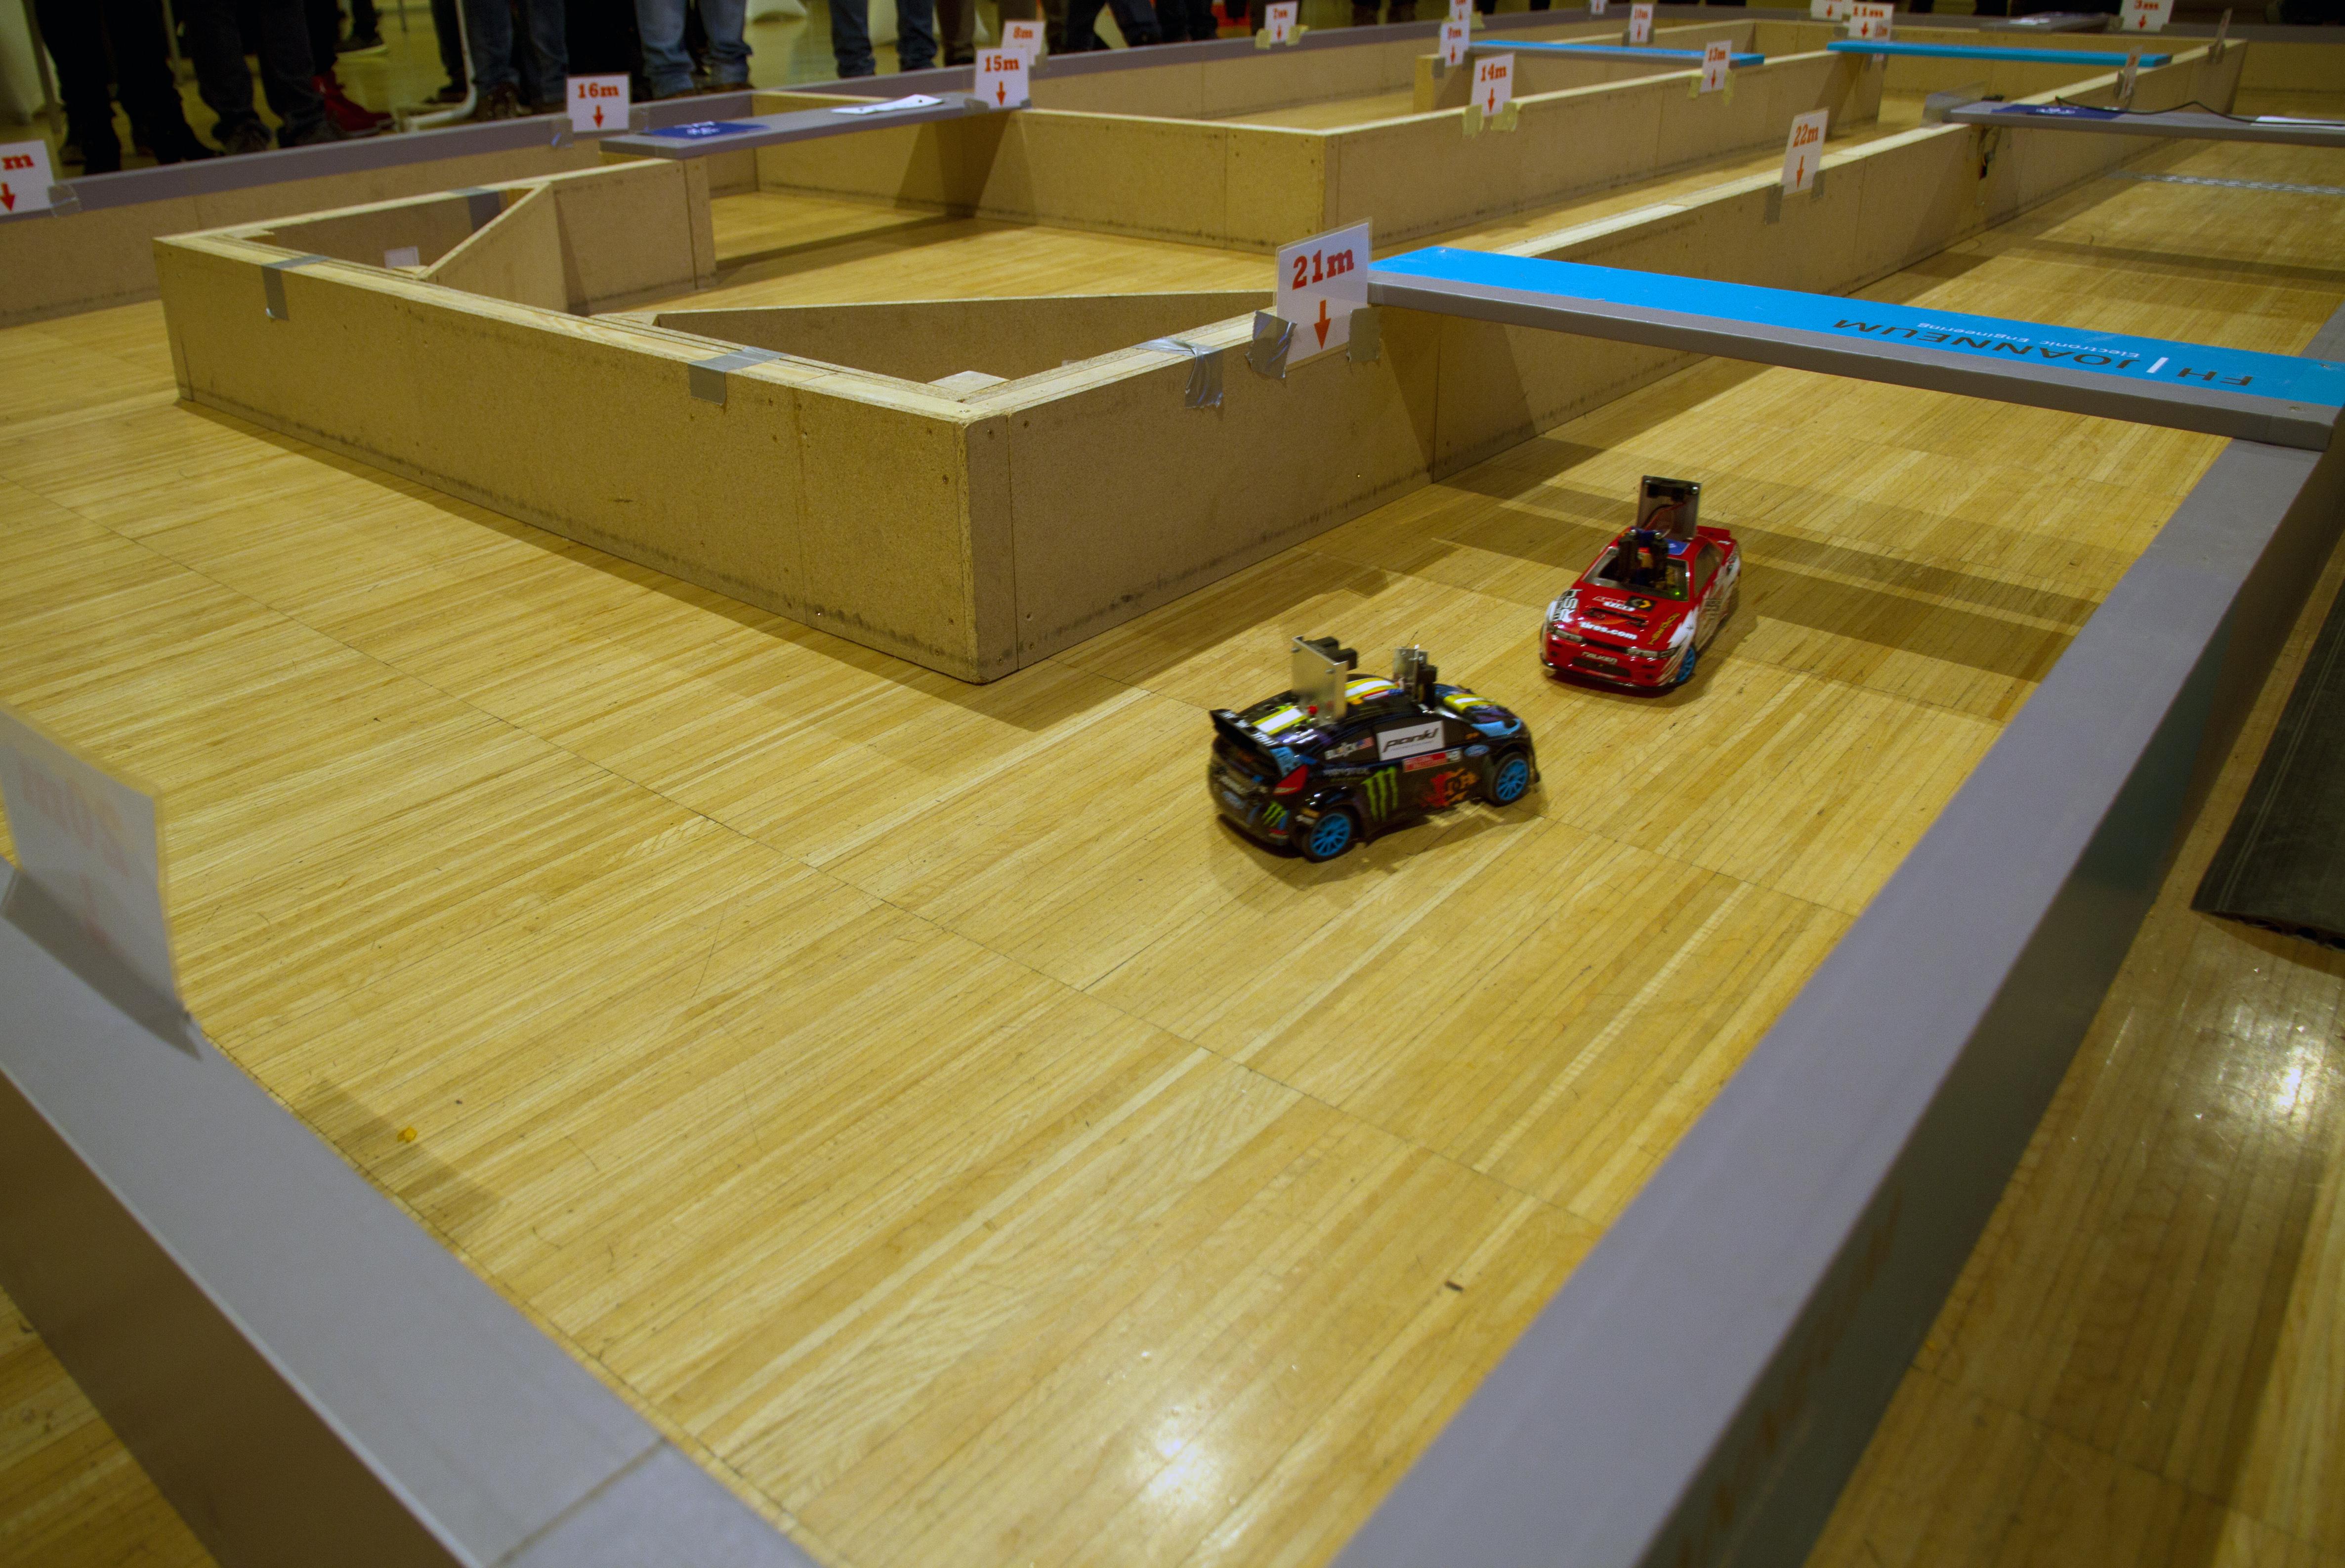 Bild mit zwei kleinen Autos beim Crazy Car Wettbewerb.